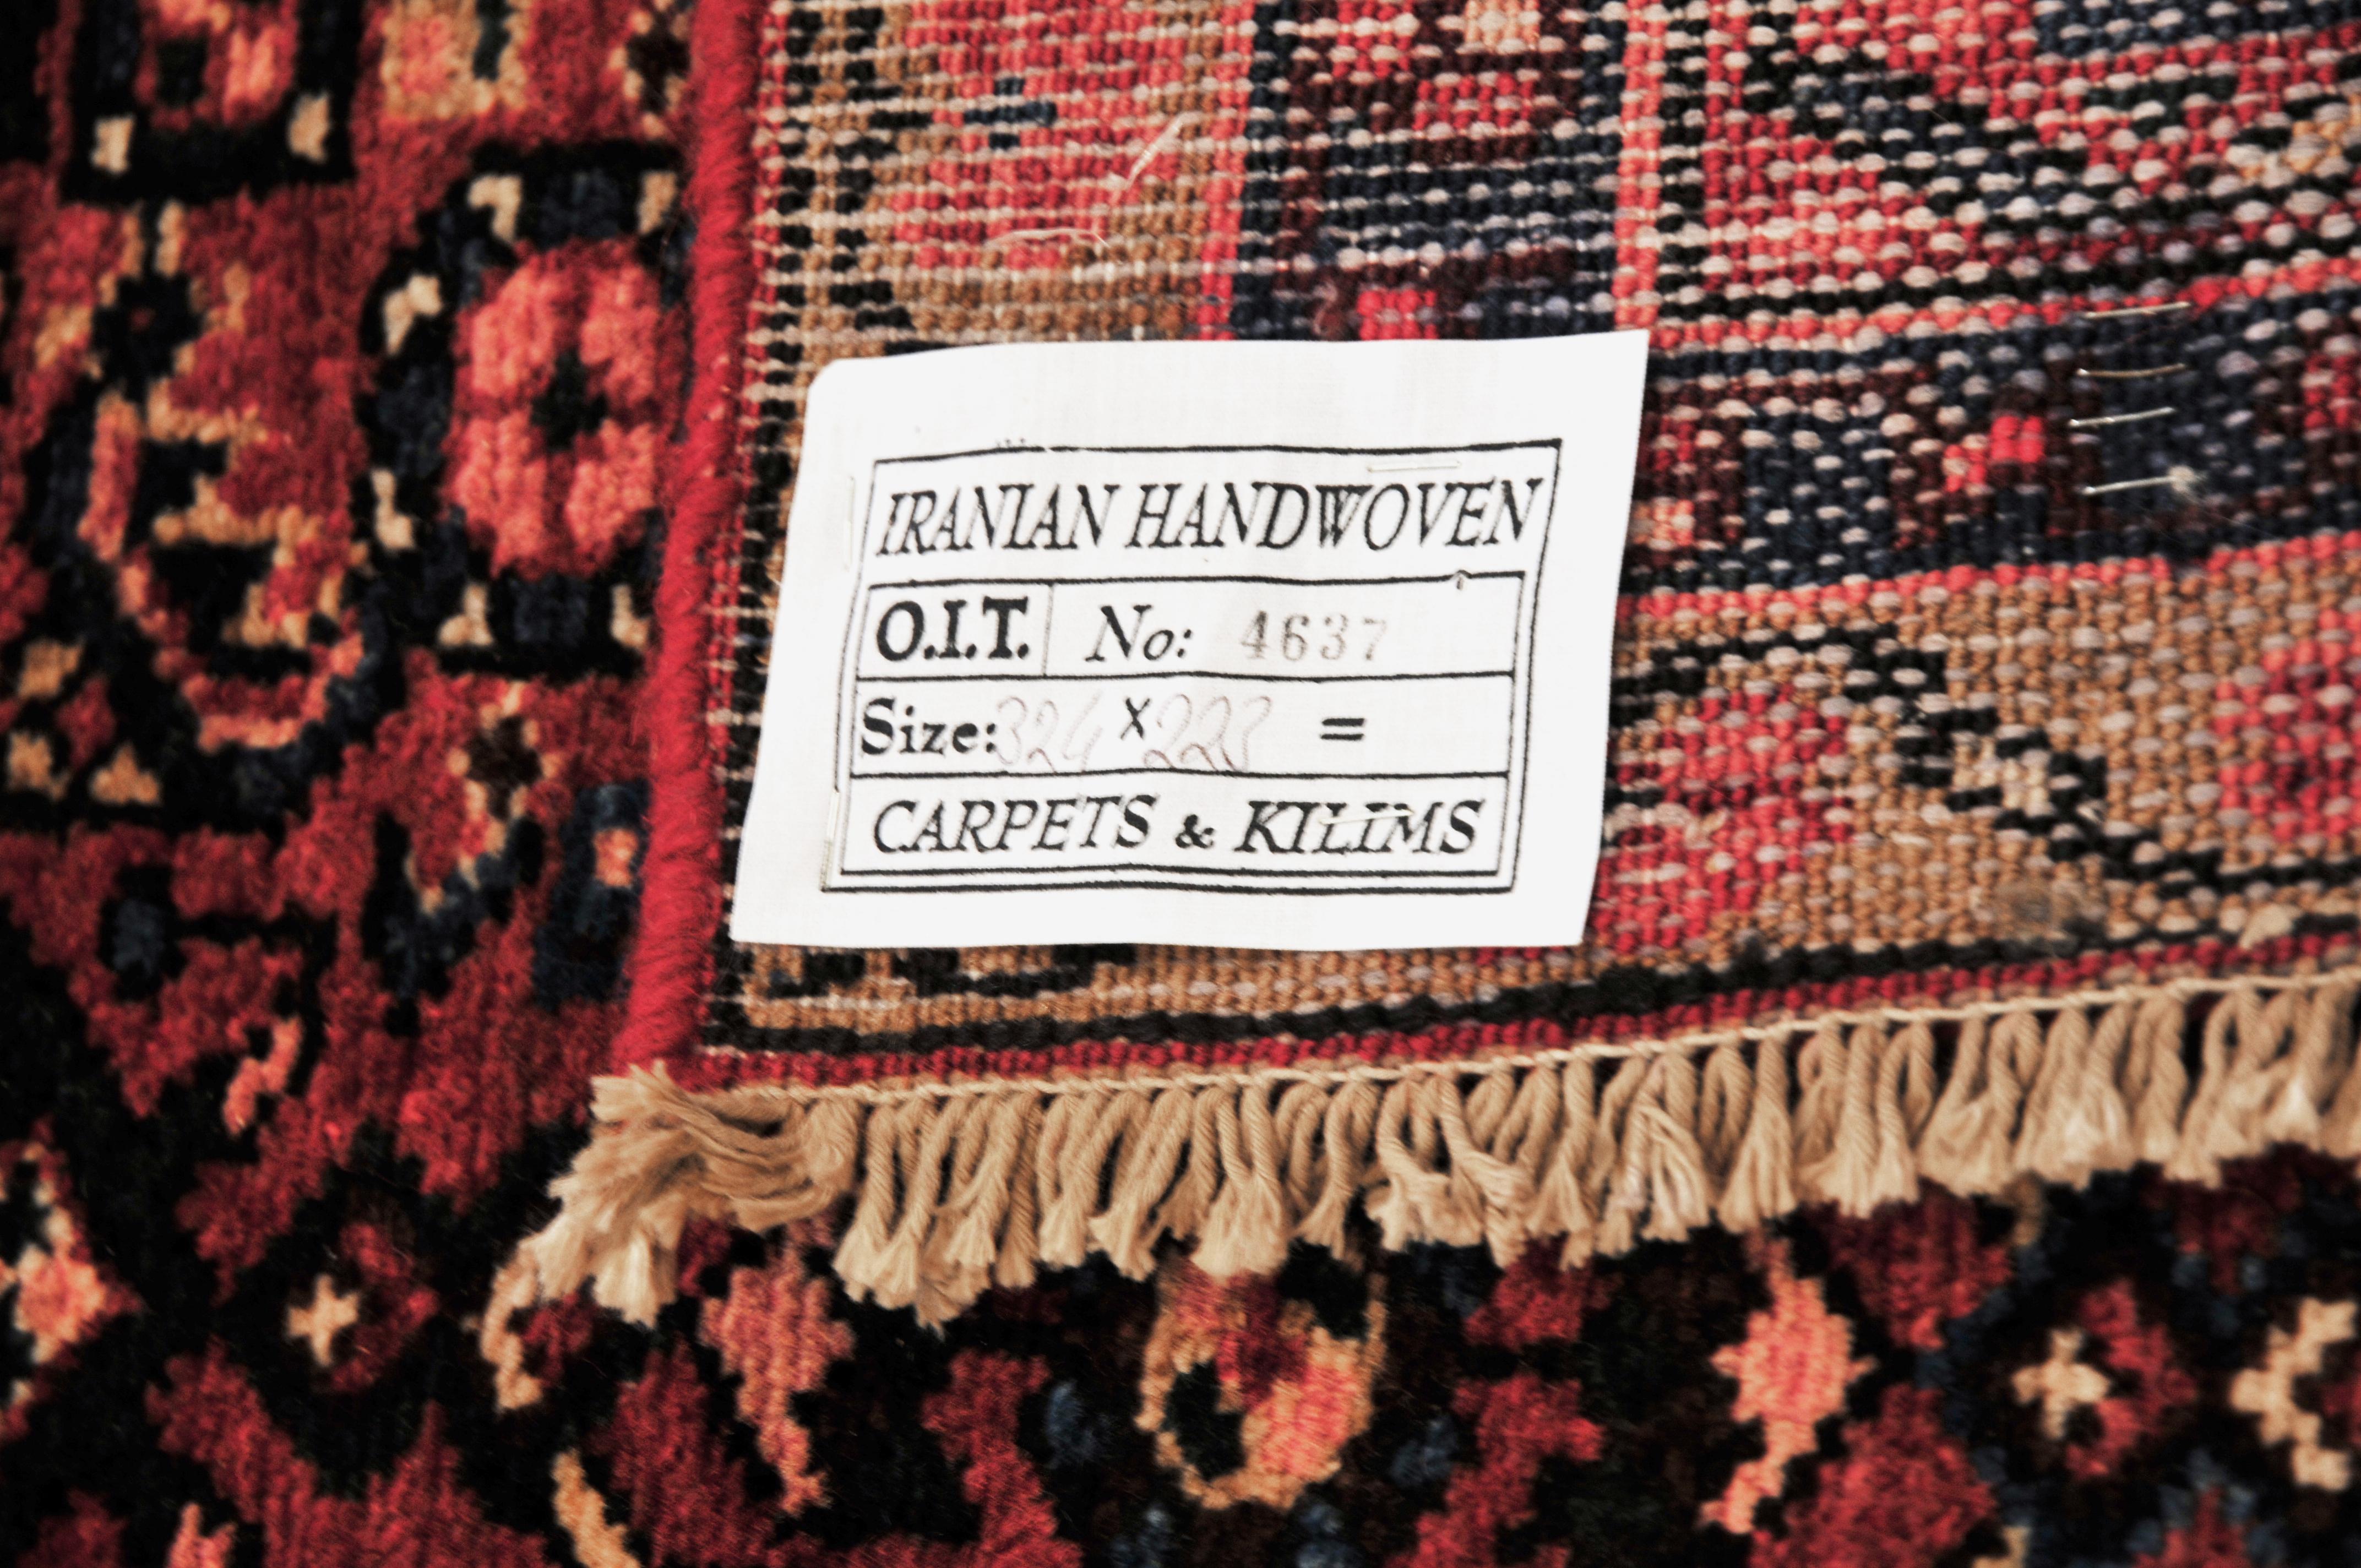 acquistare-tappeti-pregiati-online